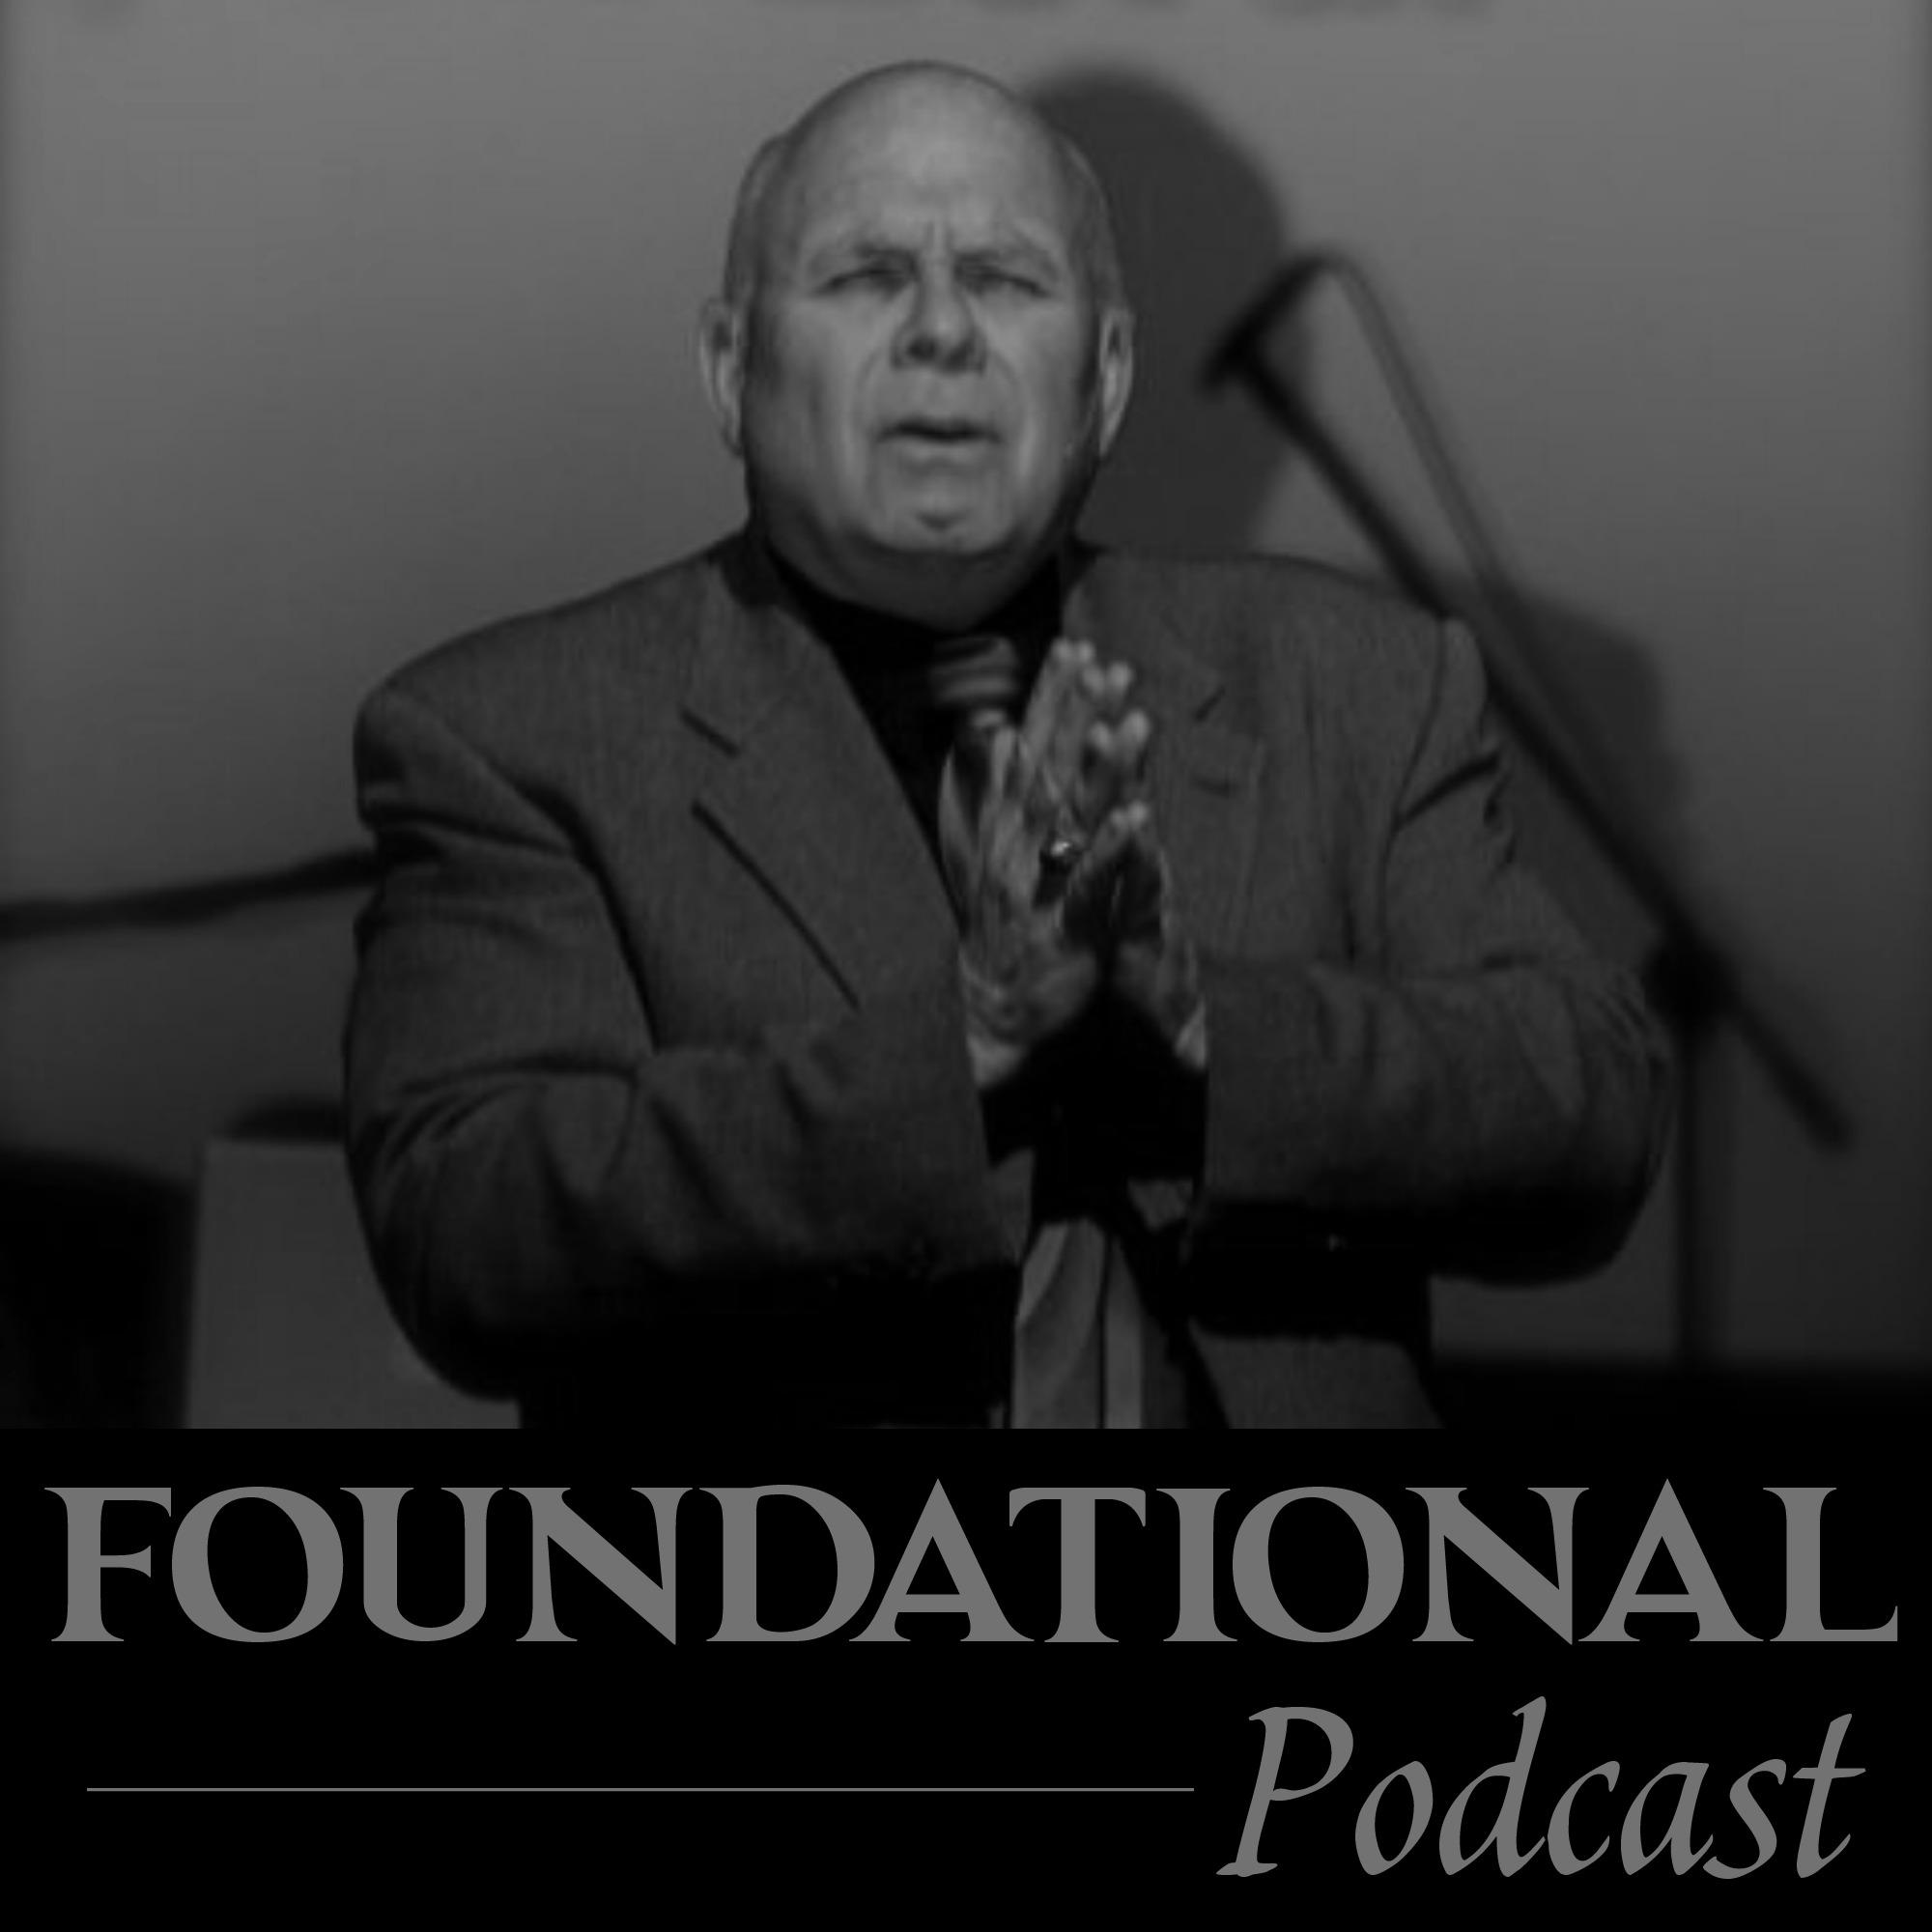 Foundational Podcast show art